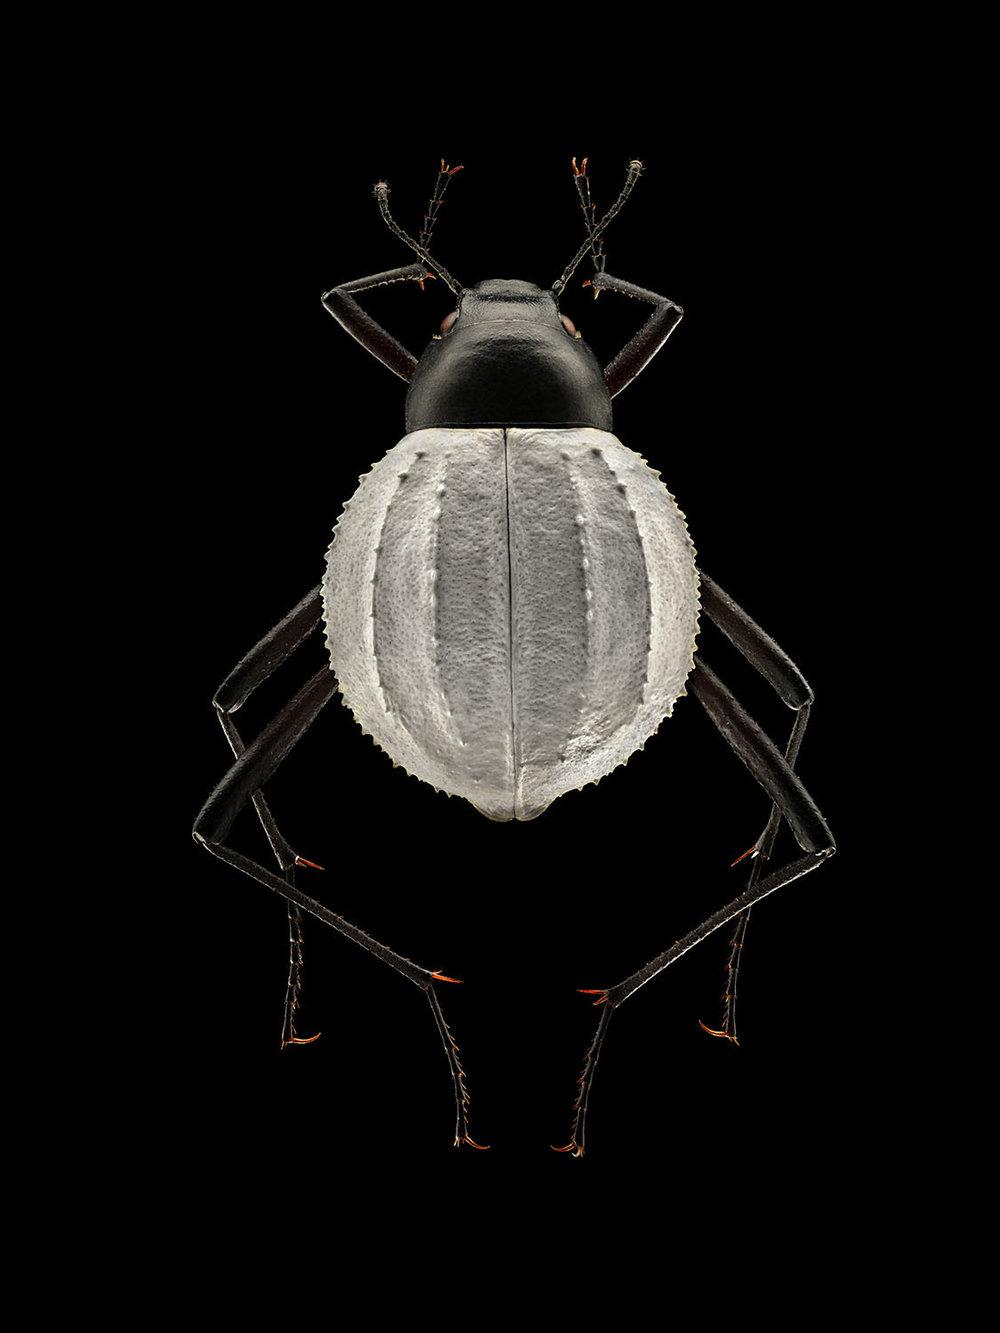 Darkling Beetle_828MB.jpg